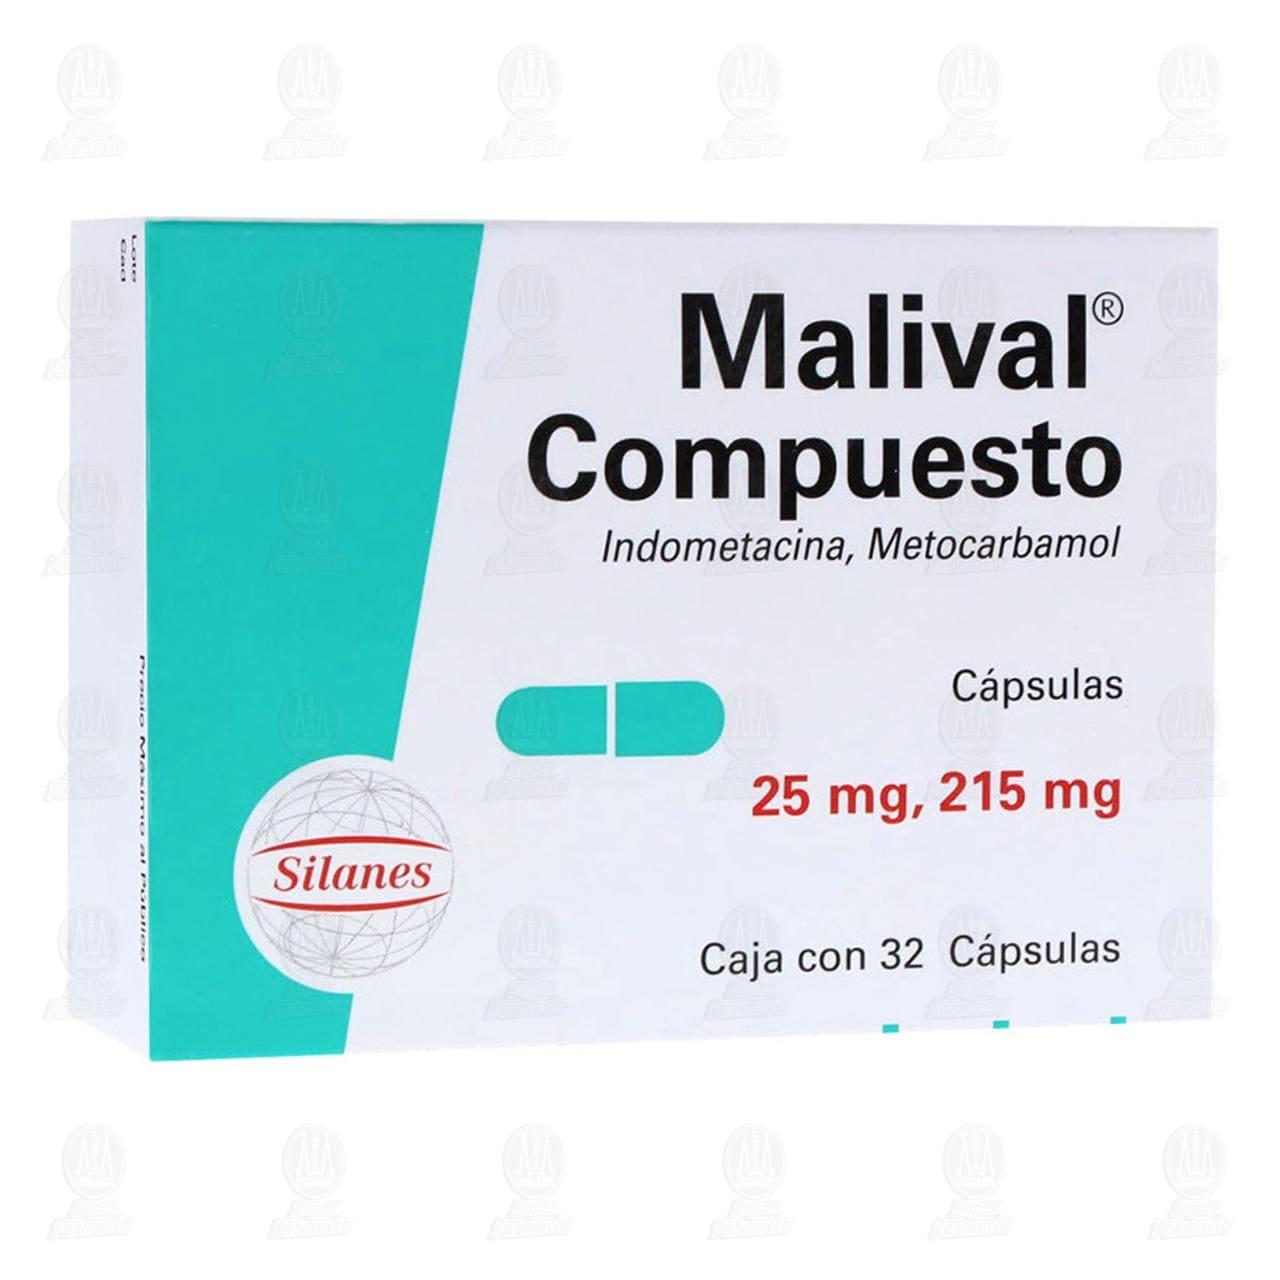 Comprar Malival Compuesto 25mg/215mg 32 Cápsulas en Farmacias Guadalajara